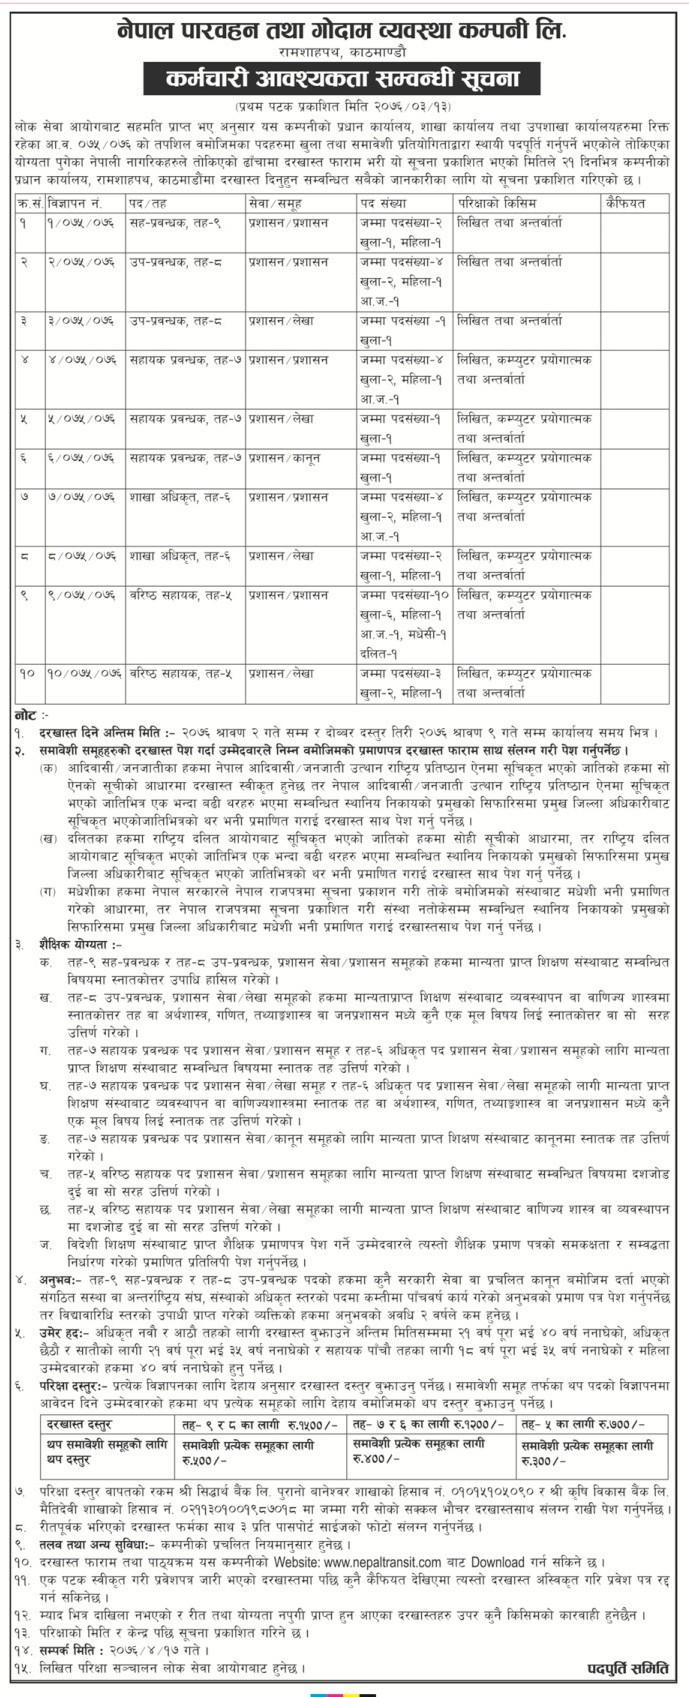 Nepal Transit and warehousing company limited (NTWCL)